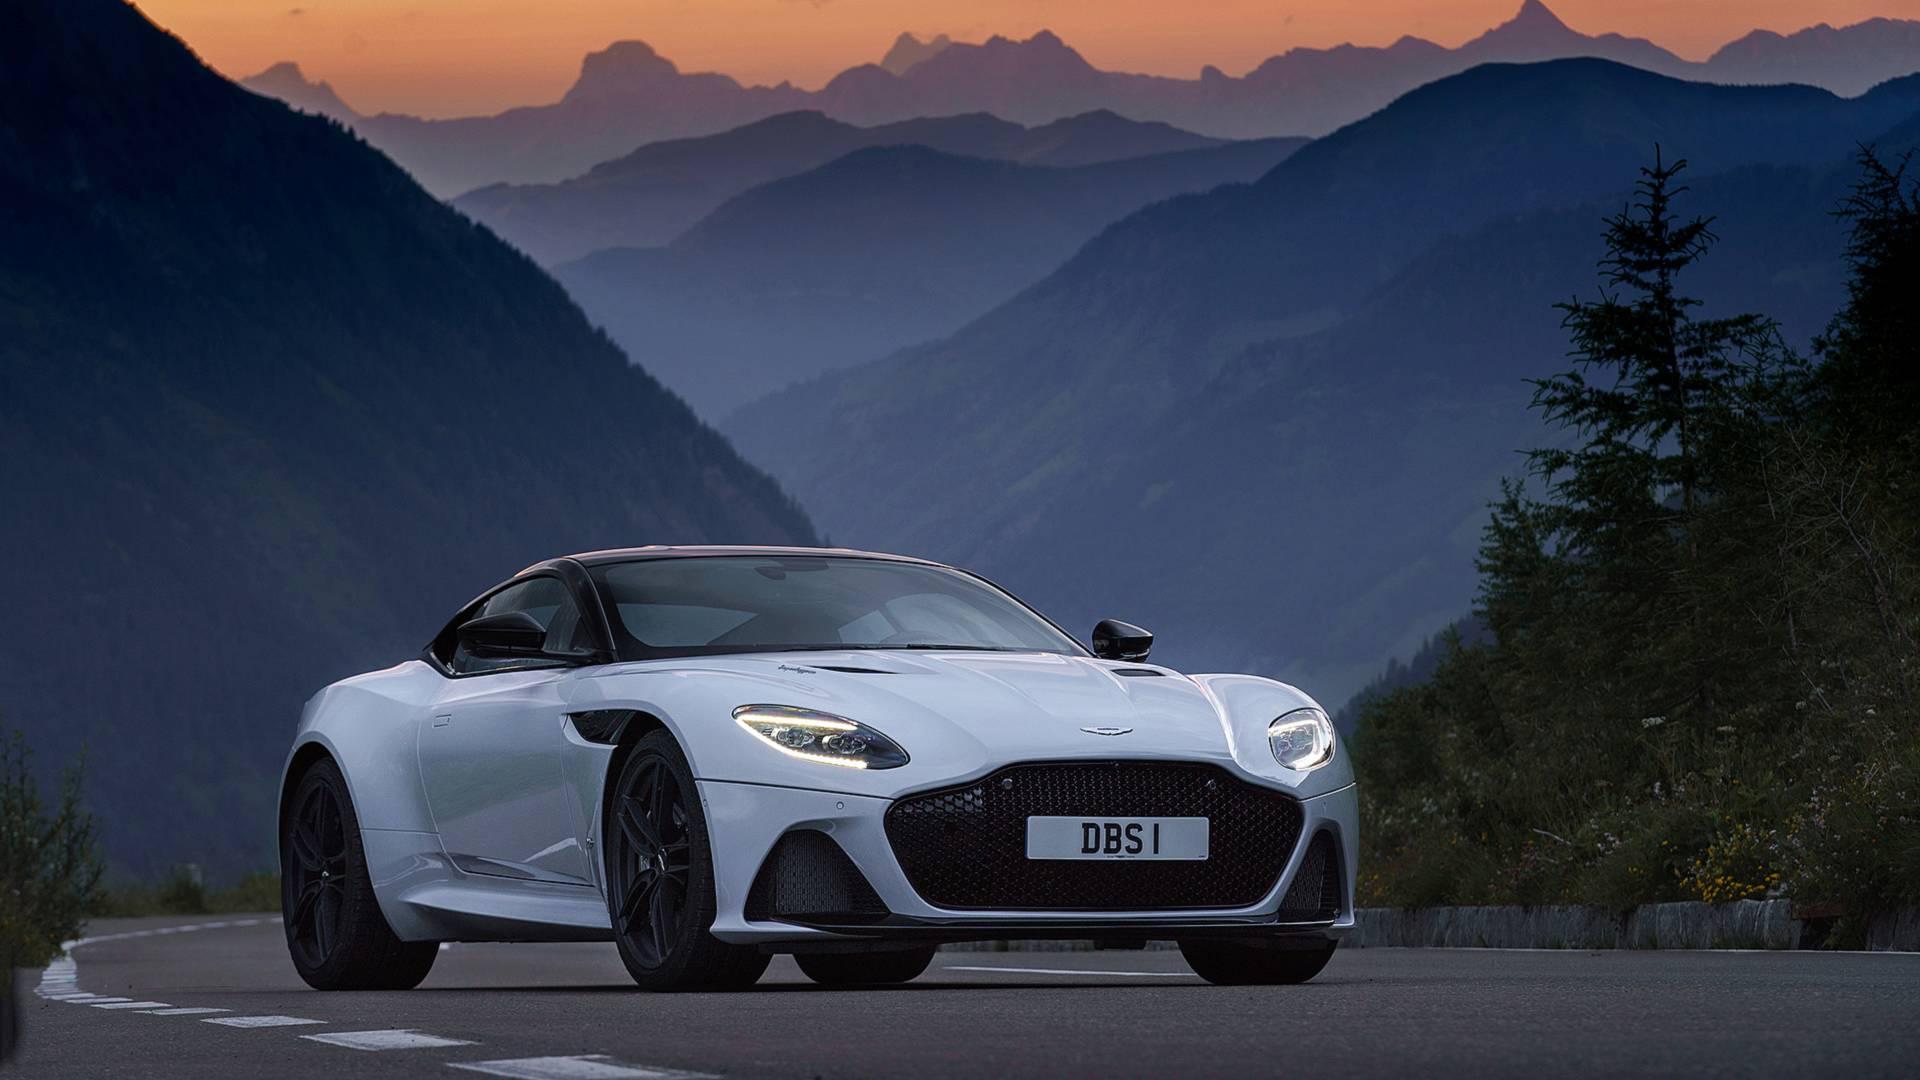 2019 Aston Martin Dbs Superleggera First Drive What S In A Name